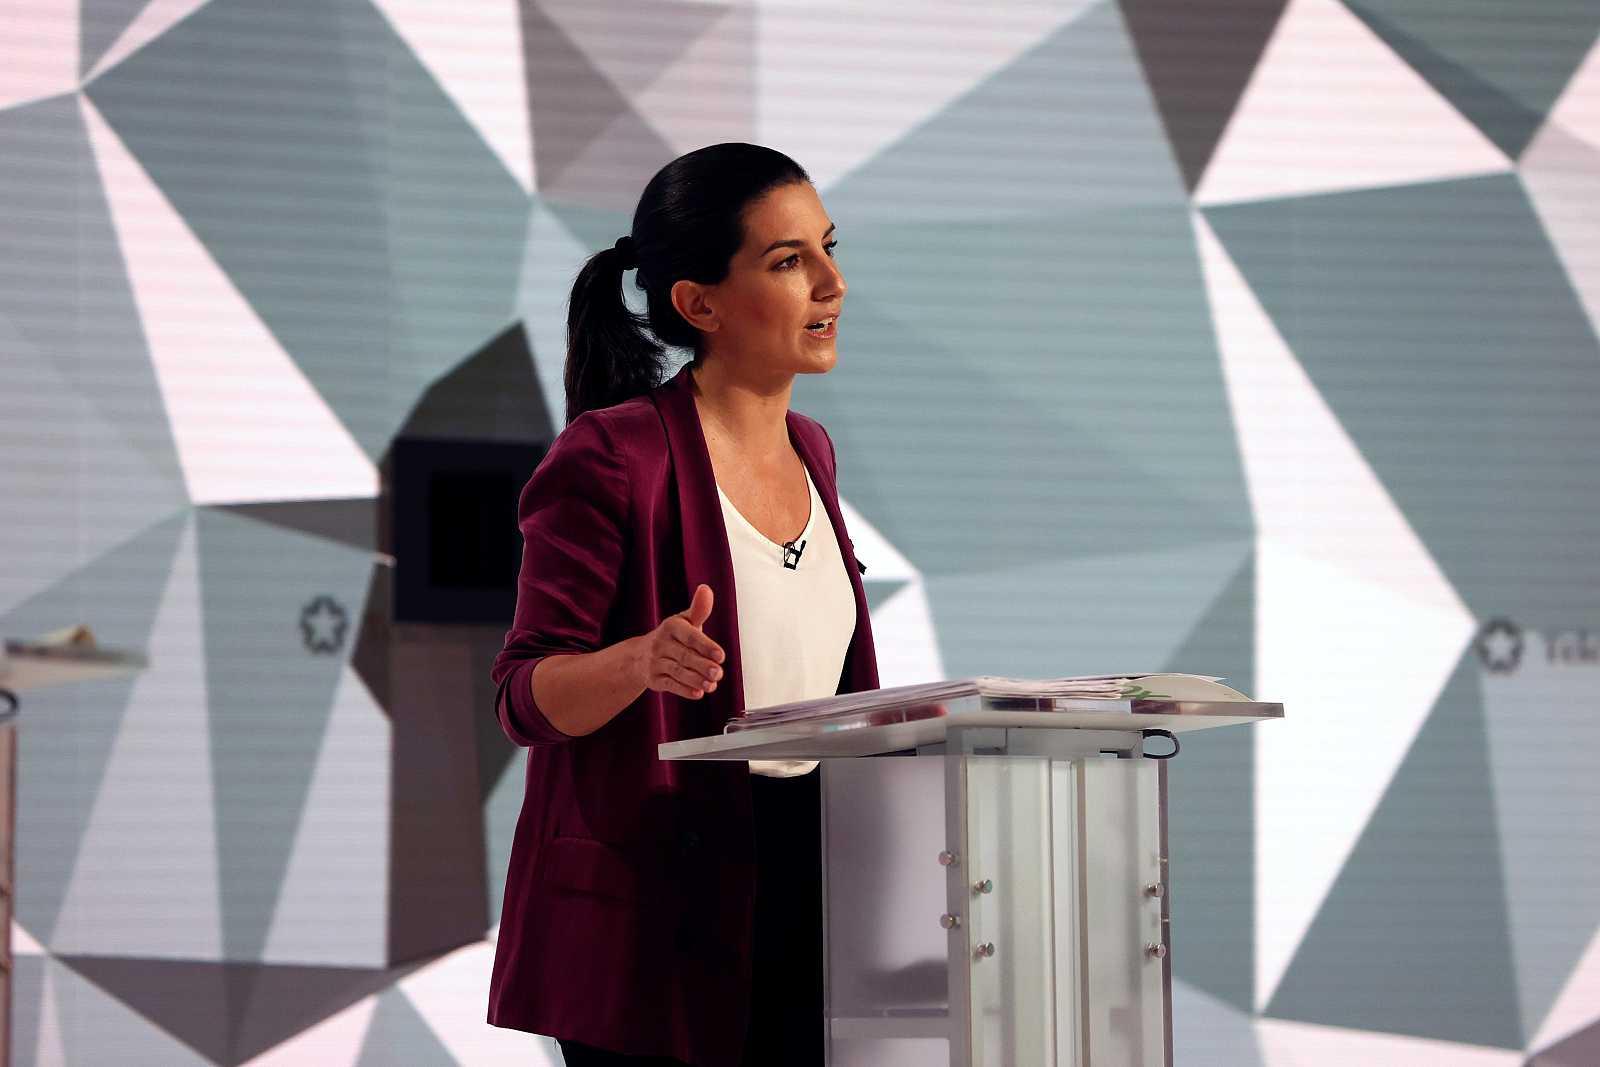 """Monasterio insiste en criminalizar a los 'menas' e Iglesias le acusa de """"indecente"""" y difundir """"propaganda filonazi"""""""